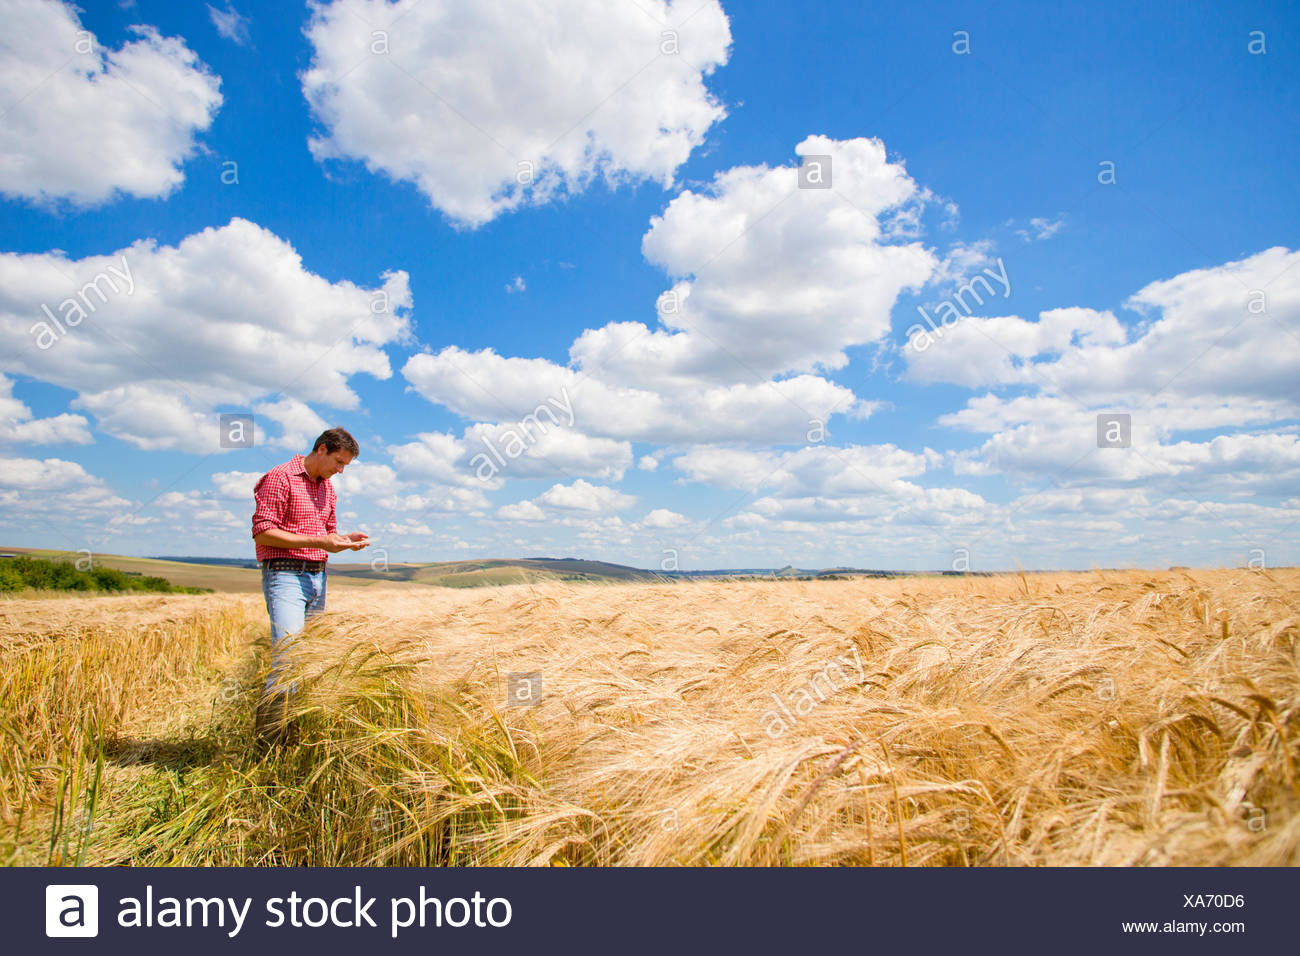 Farmer examining sunny rural barley crop field in summer - Stock Image